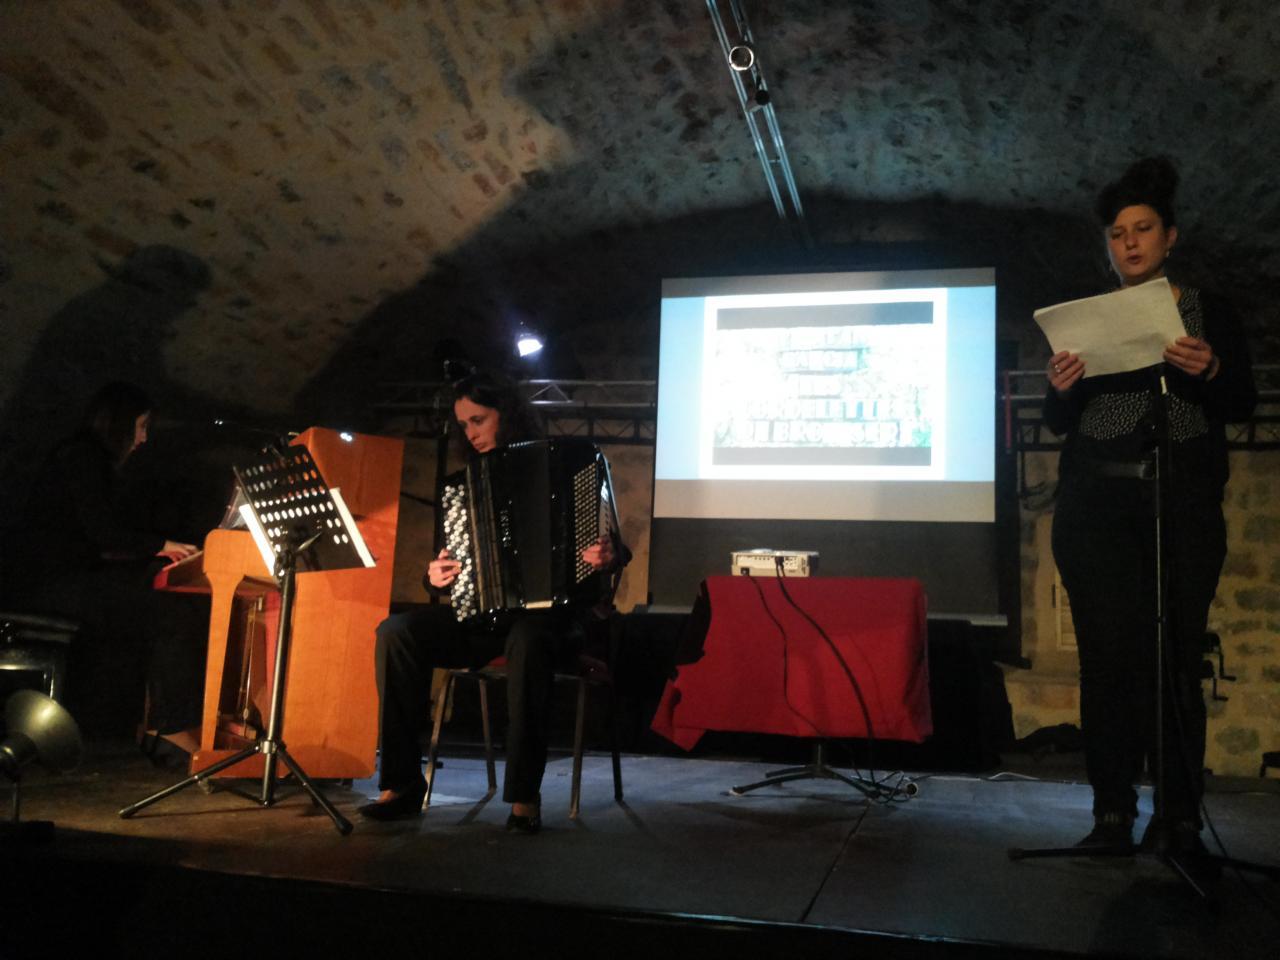 Banquet du livre d'automne, Lagrasse (11), octobre 2015